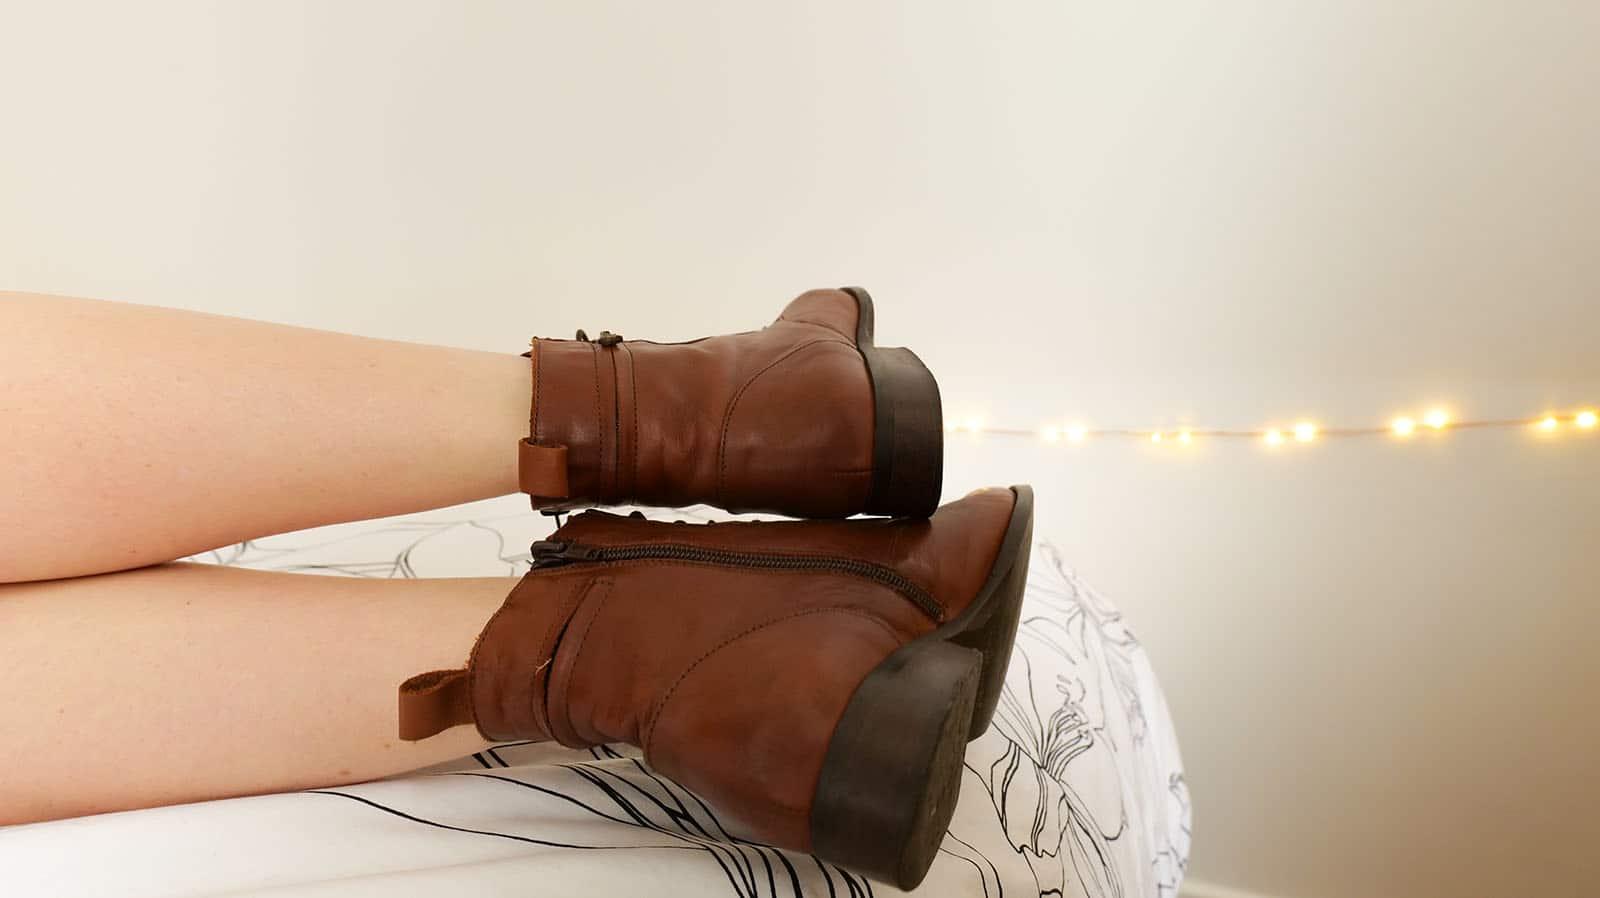 bottines en cuir marron portées pour fétichiste